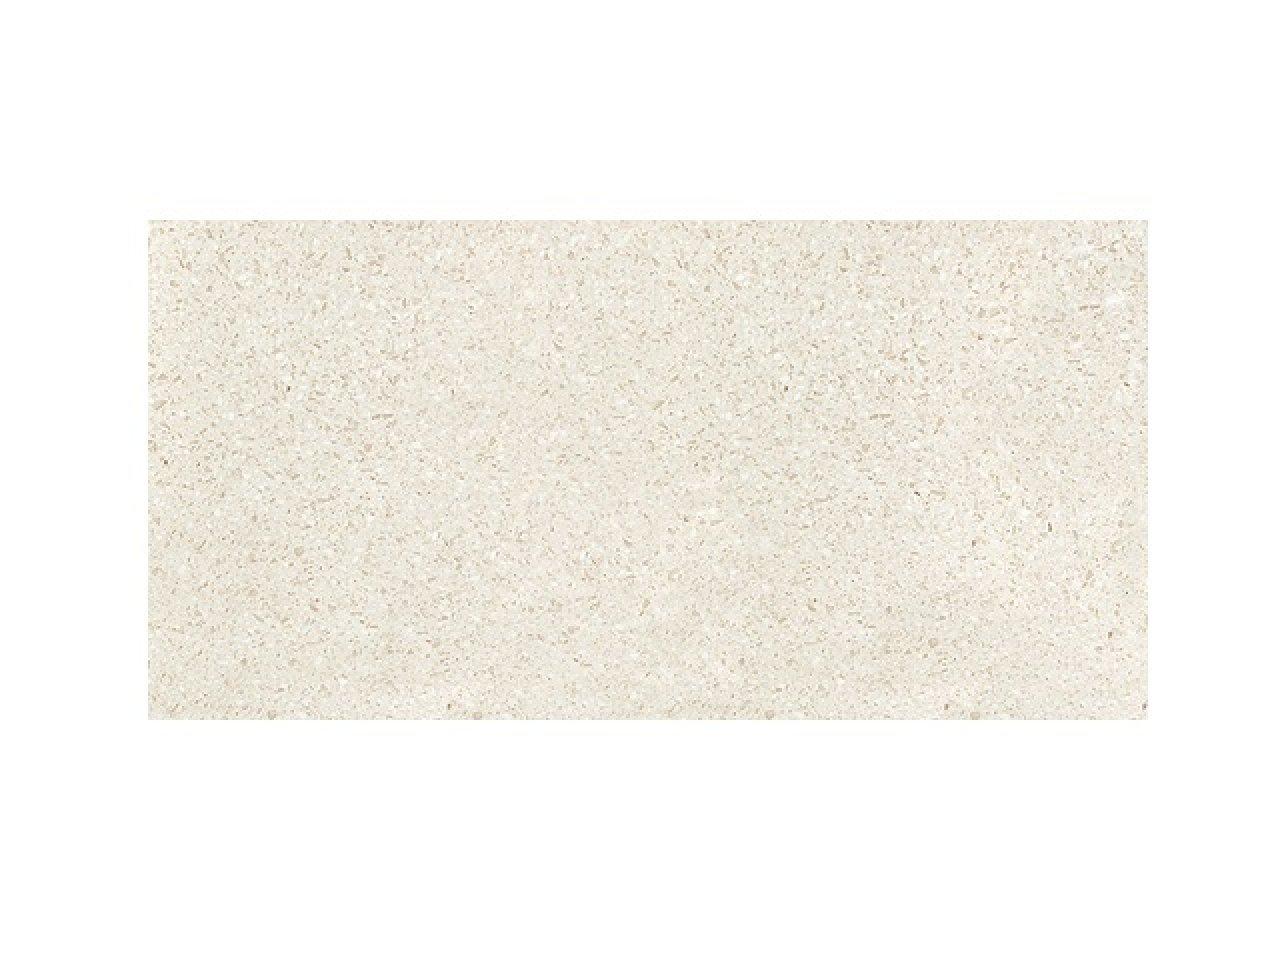 Напольная плитка Marvel Terrazzo Cream Lappato 75x150